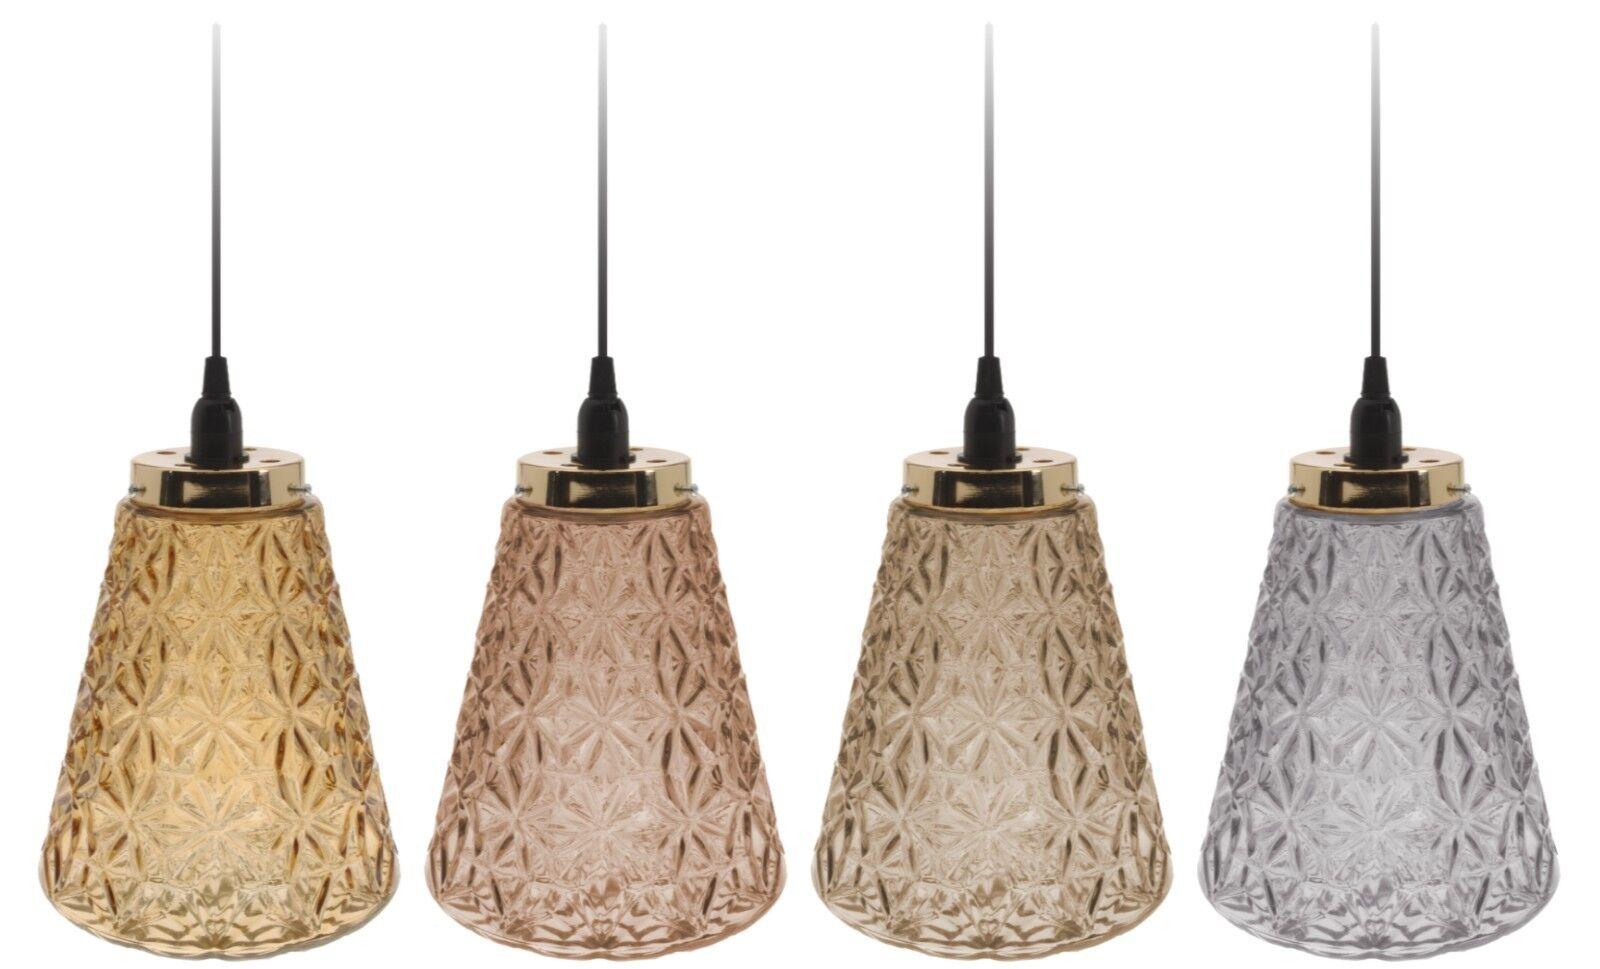 Lampe Leuchte Deckenleuchte Glas Taupe Grau Gold Braun 185 Cm E14 Wohnzimmer